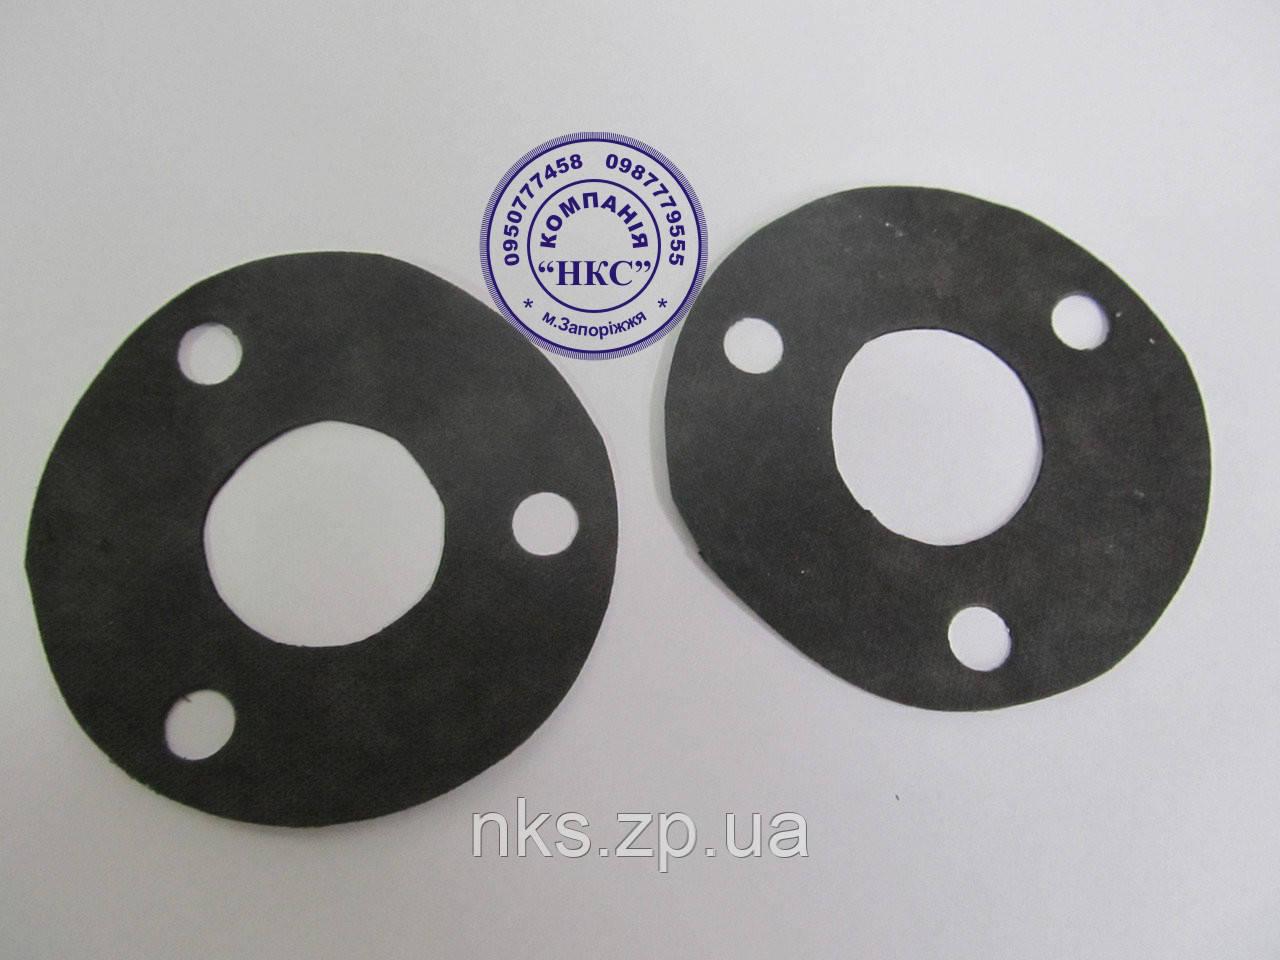 Прокладка маркера СПП-8 (молдавка).